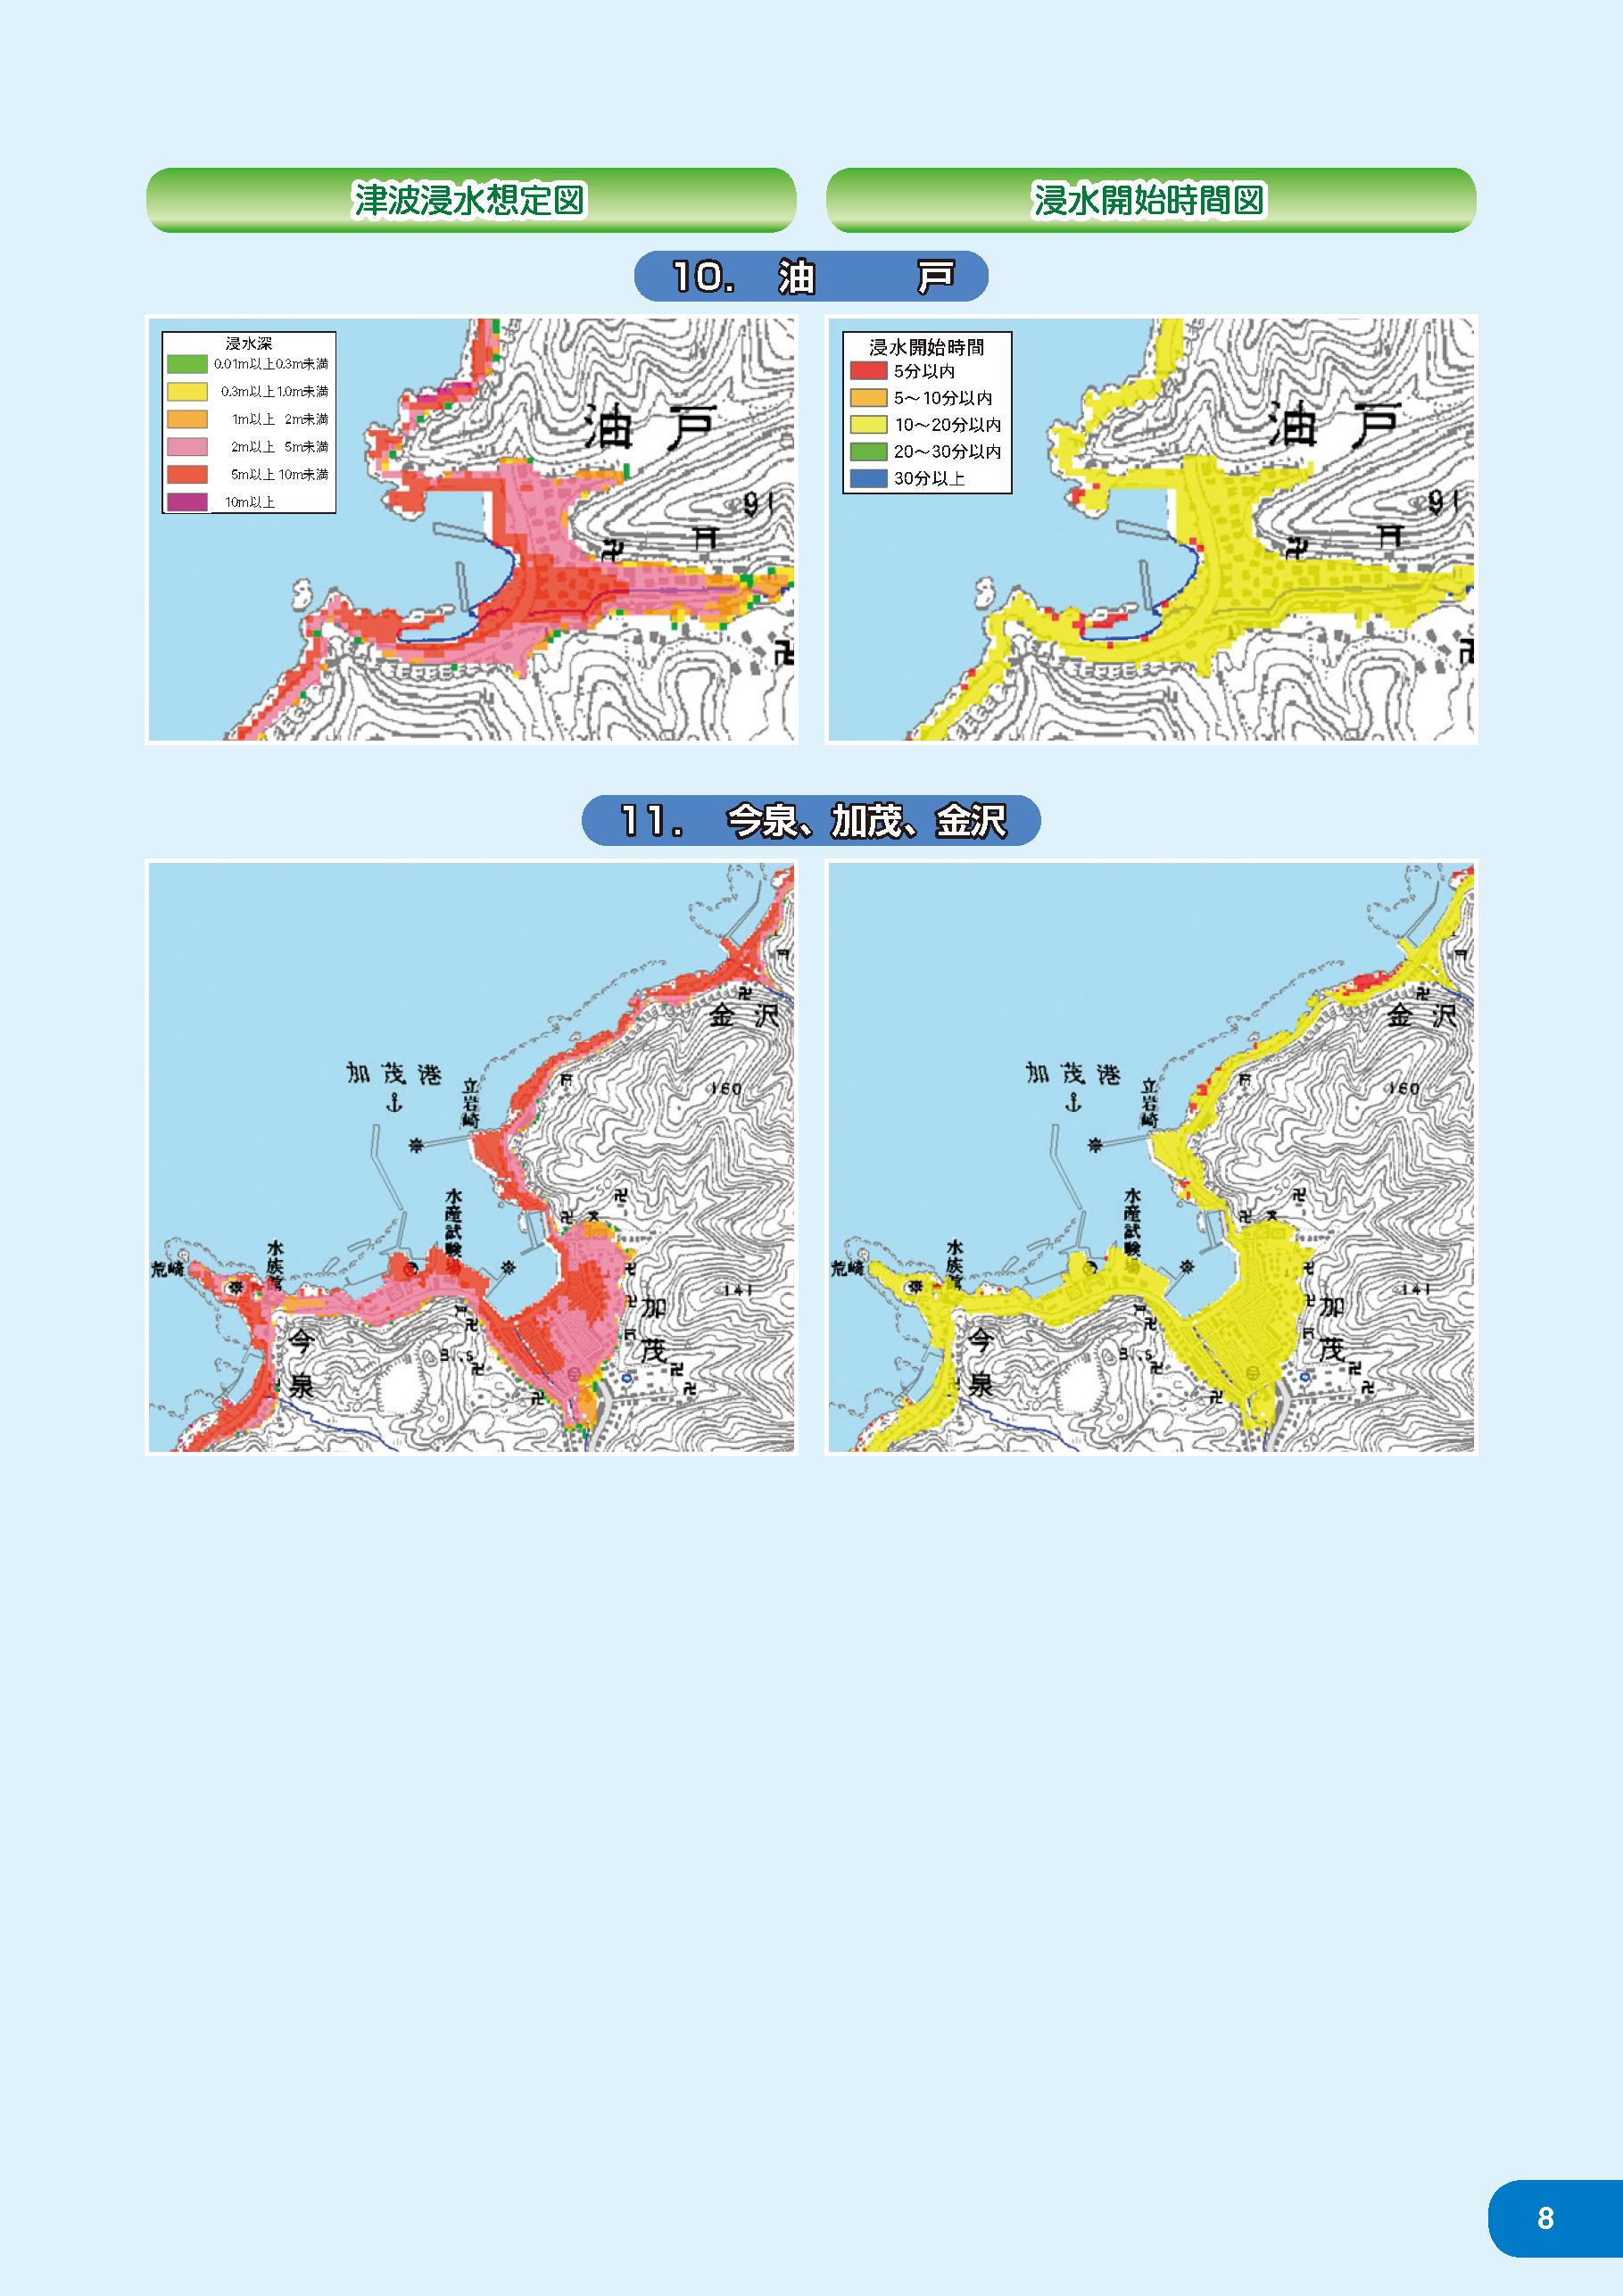 油戸・今泉・加茂・金沢の浸水想定と浸水開始時間